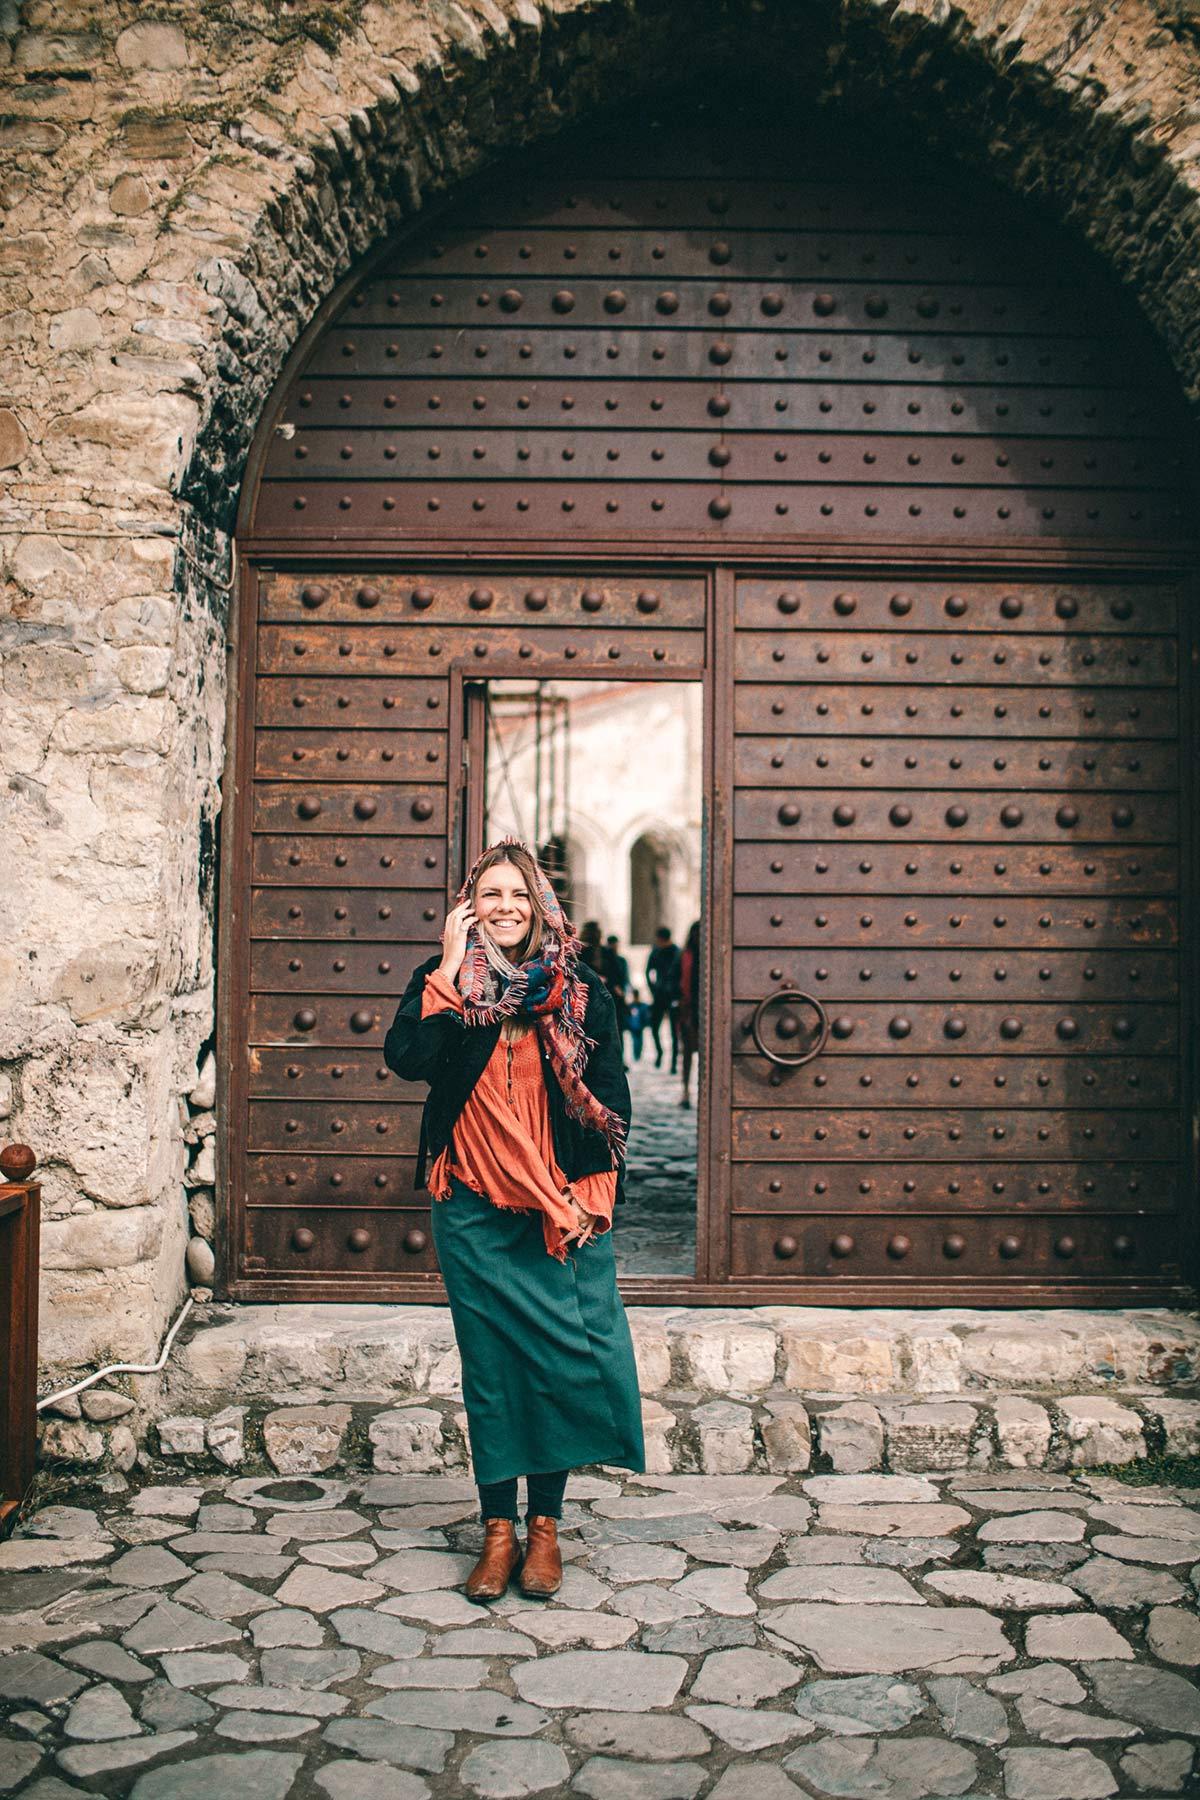 Farina Kloster